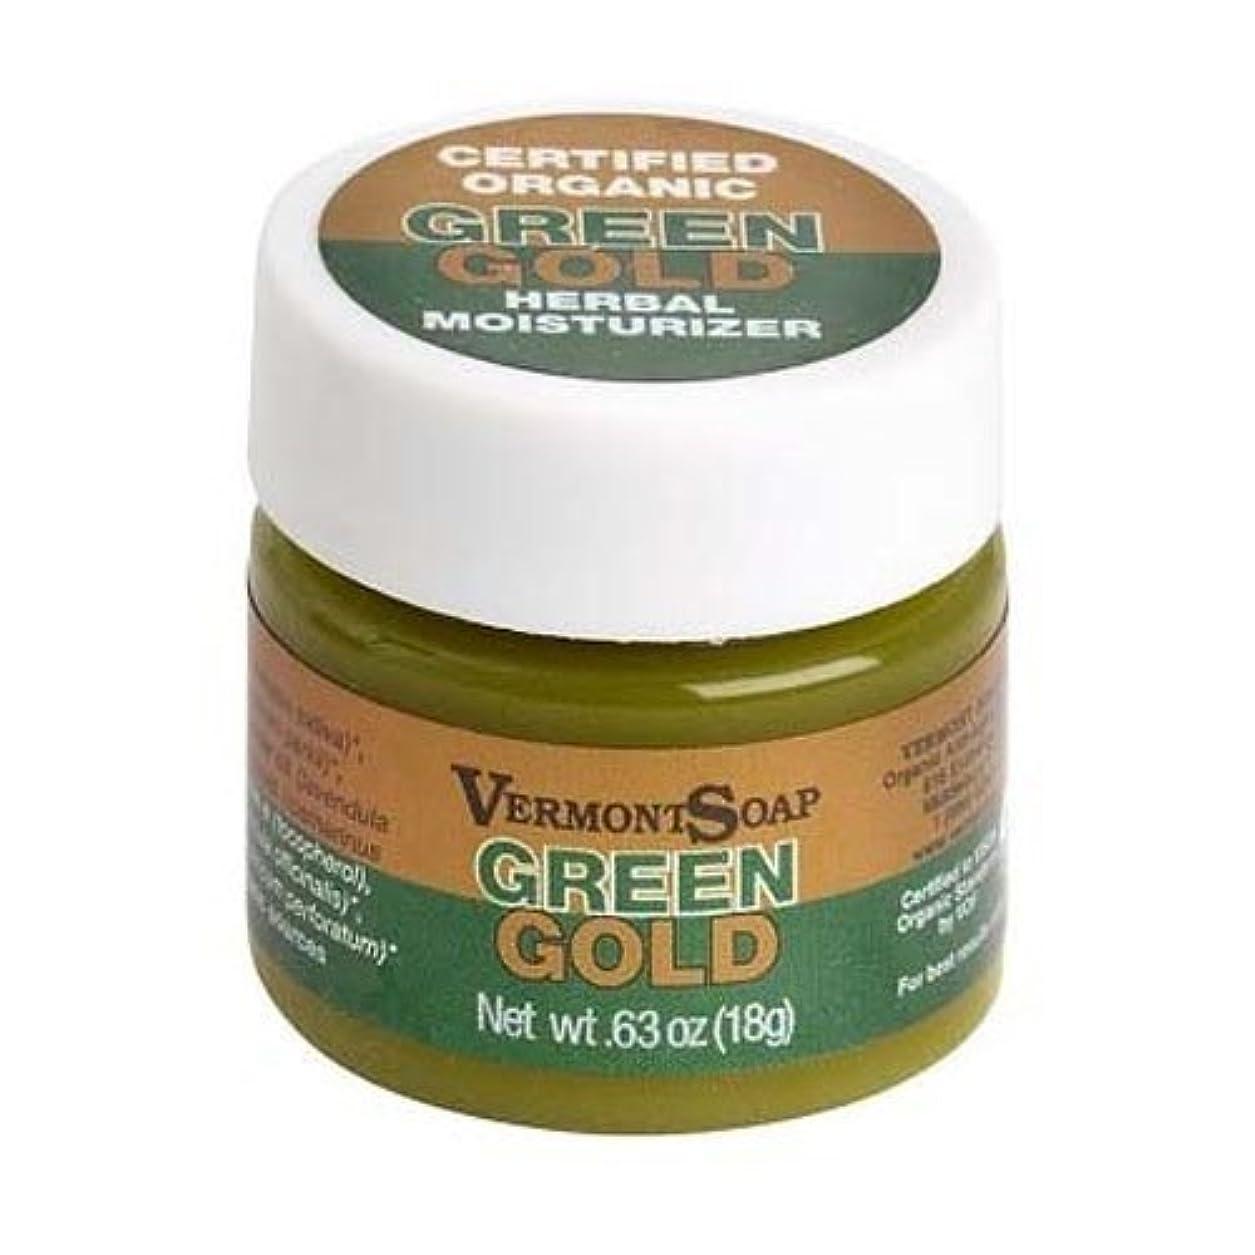 バーモントソープ オーガニック保湿クリーム グリーンゴールドS